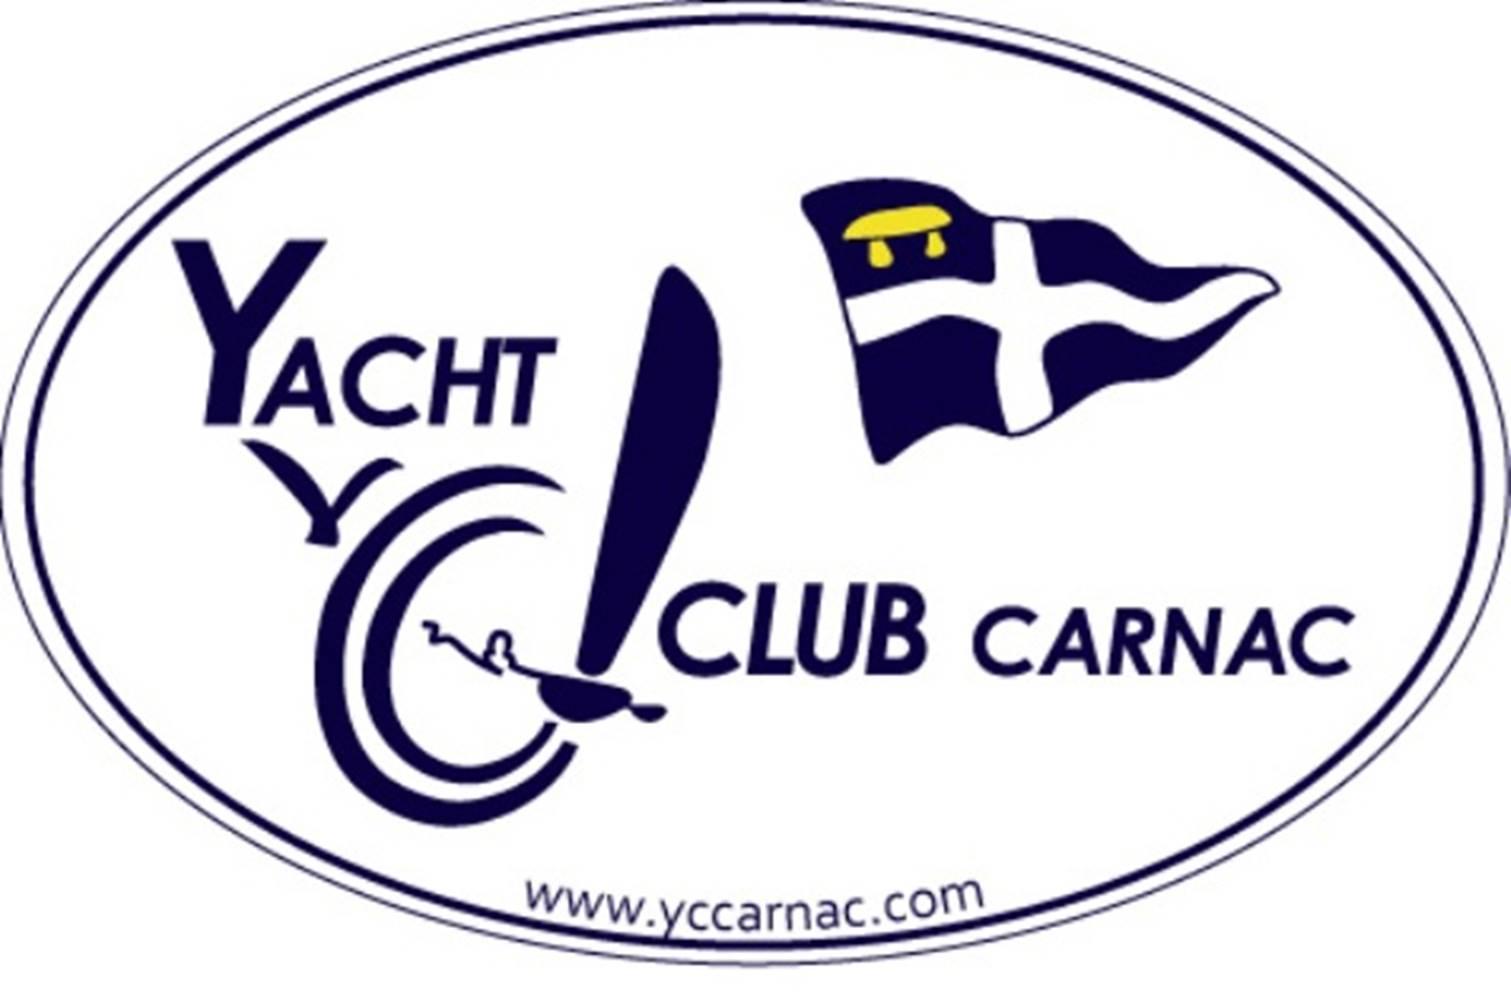 Yacht-Club-Carnac-Morbihan-Bretagne-Sud © Yacht Club